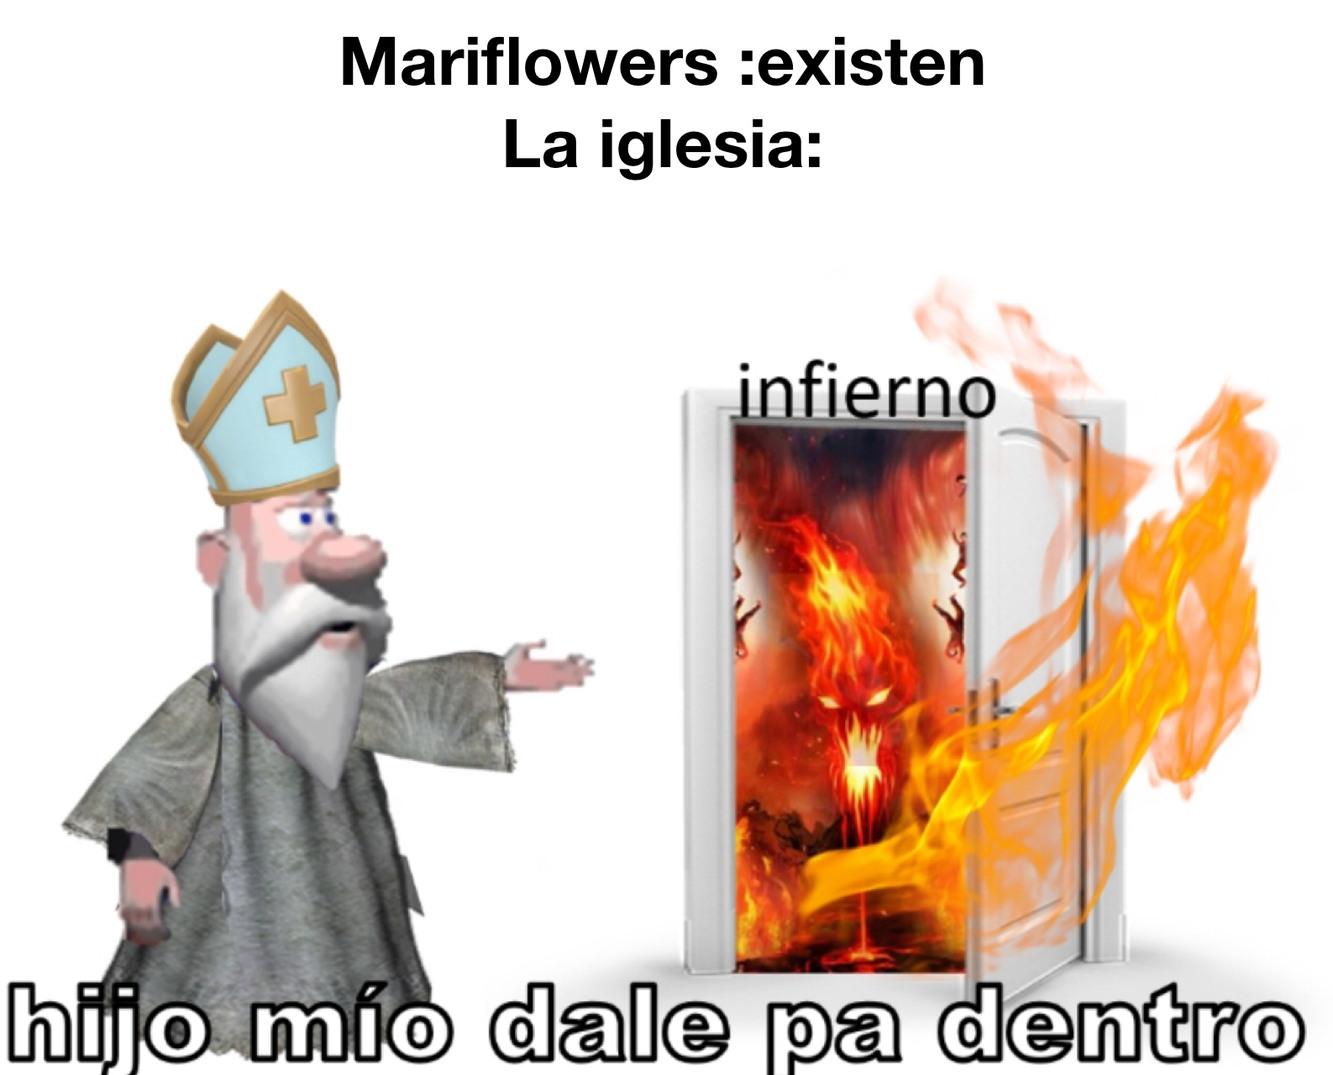 Gays y la iglesia - meme